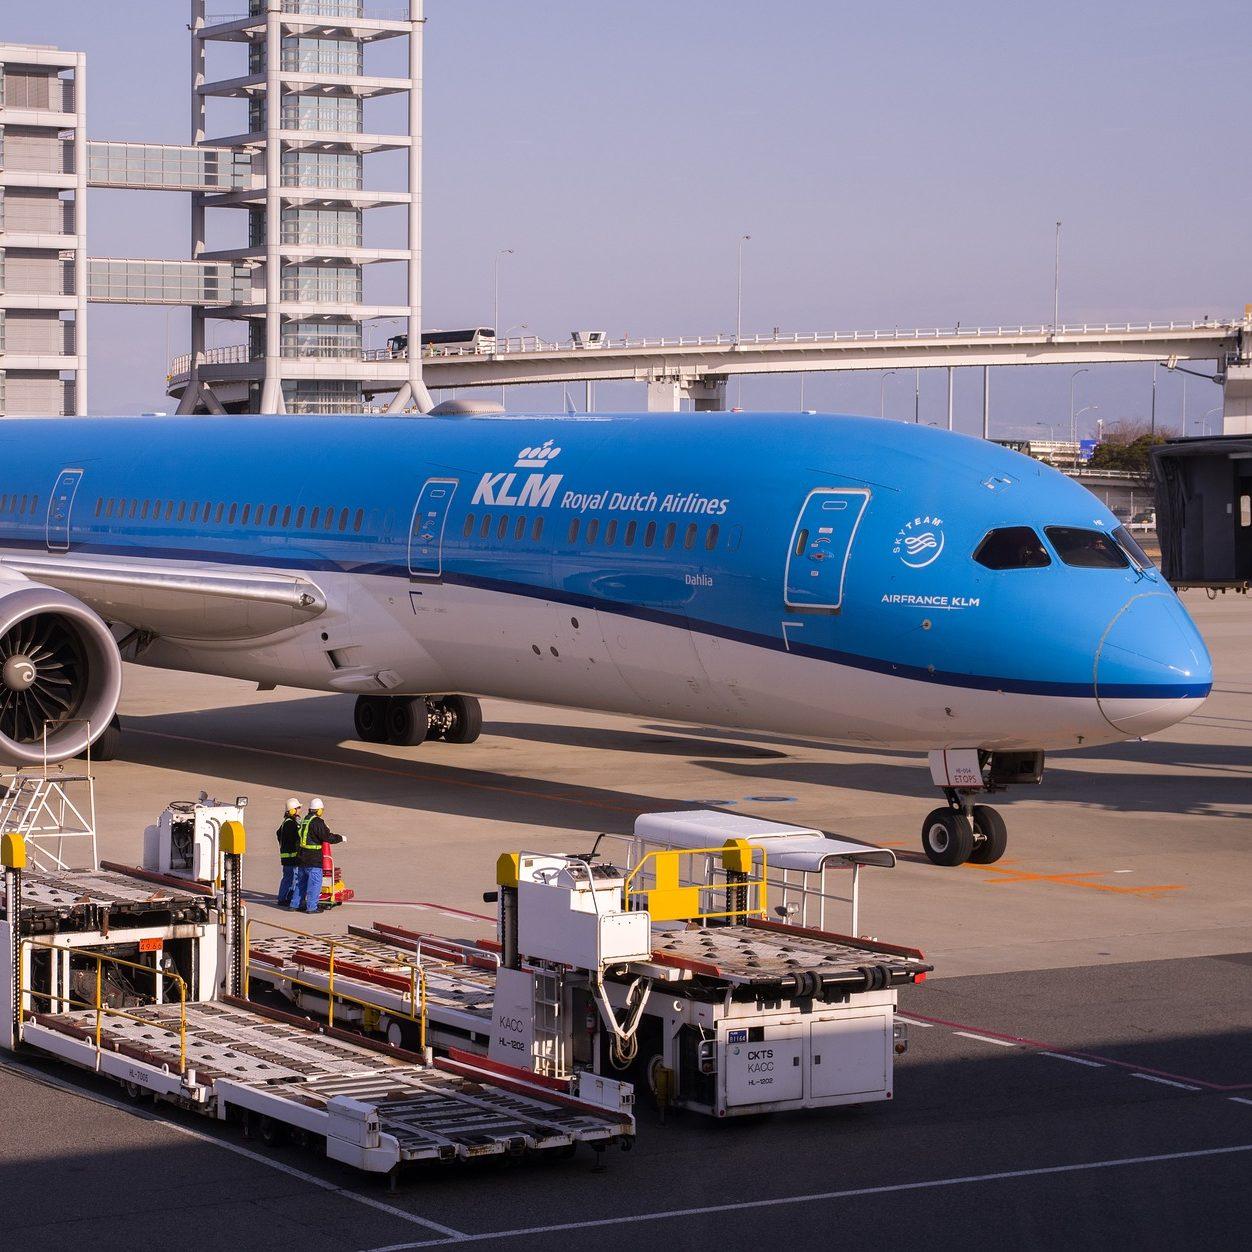 aircraft-4069660_1920